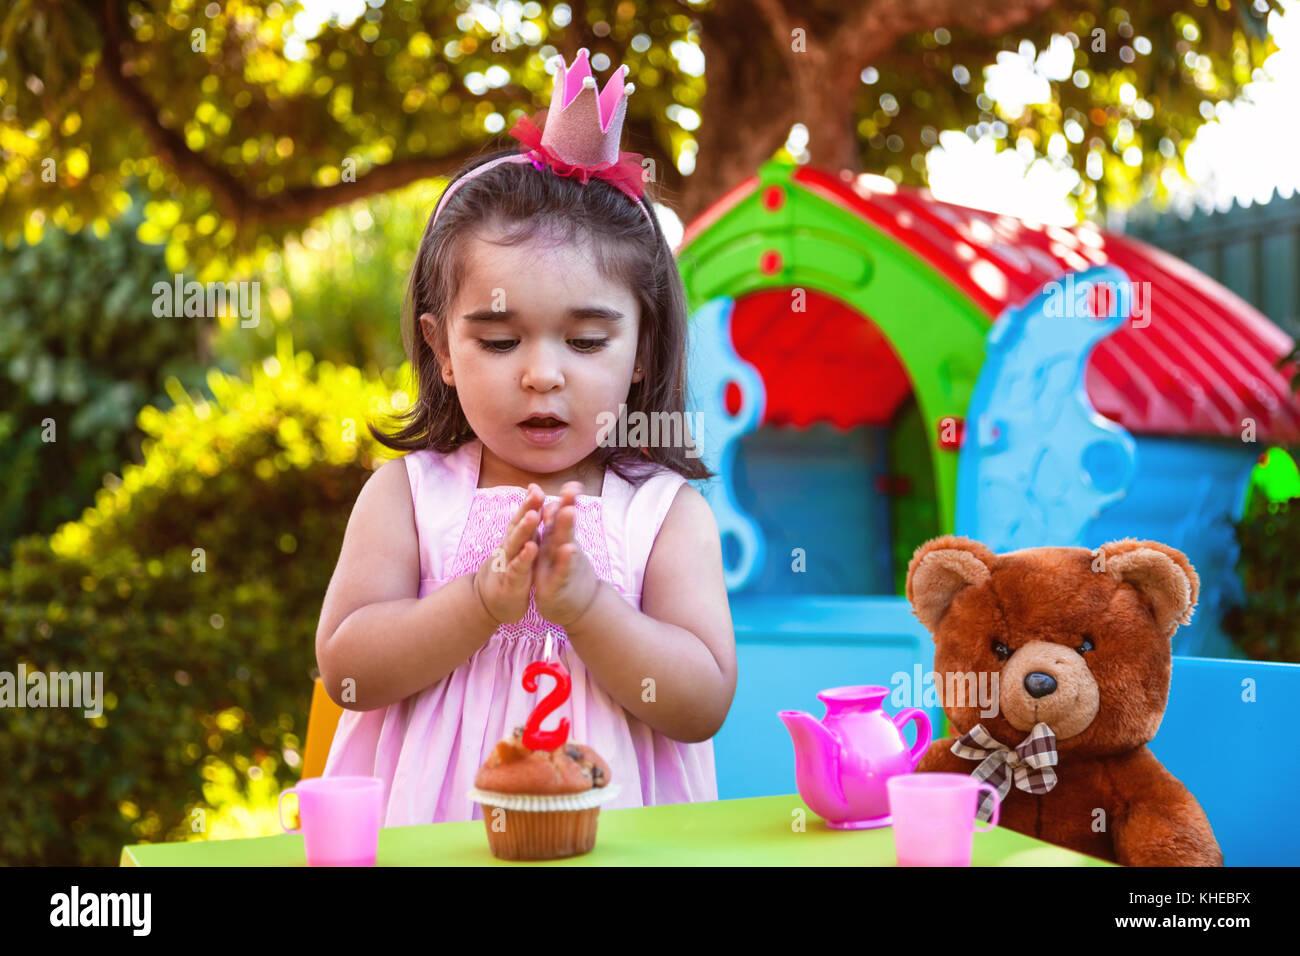 Baby toddler girl in outdoor seconda festa di compleanno battendo le mani alla torta con orsacchiotto come migliore Immagini Stock